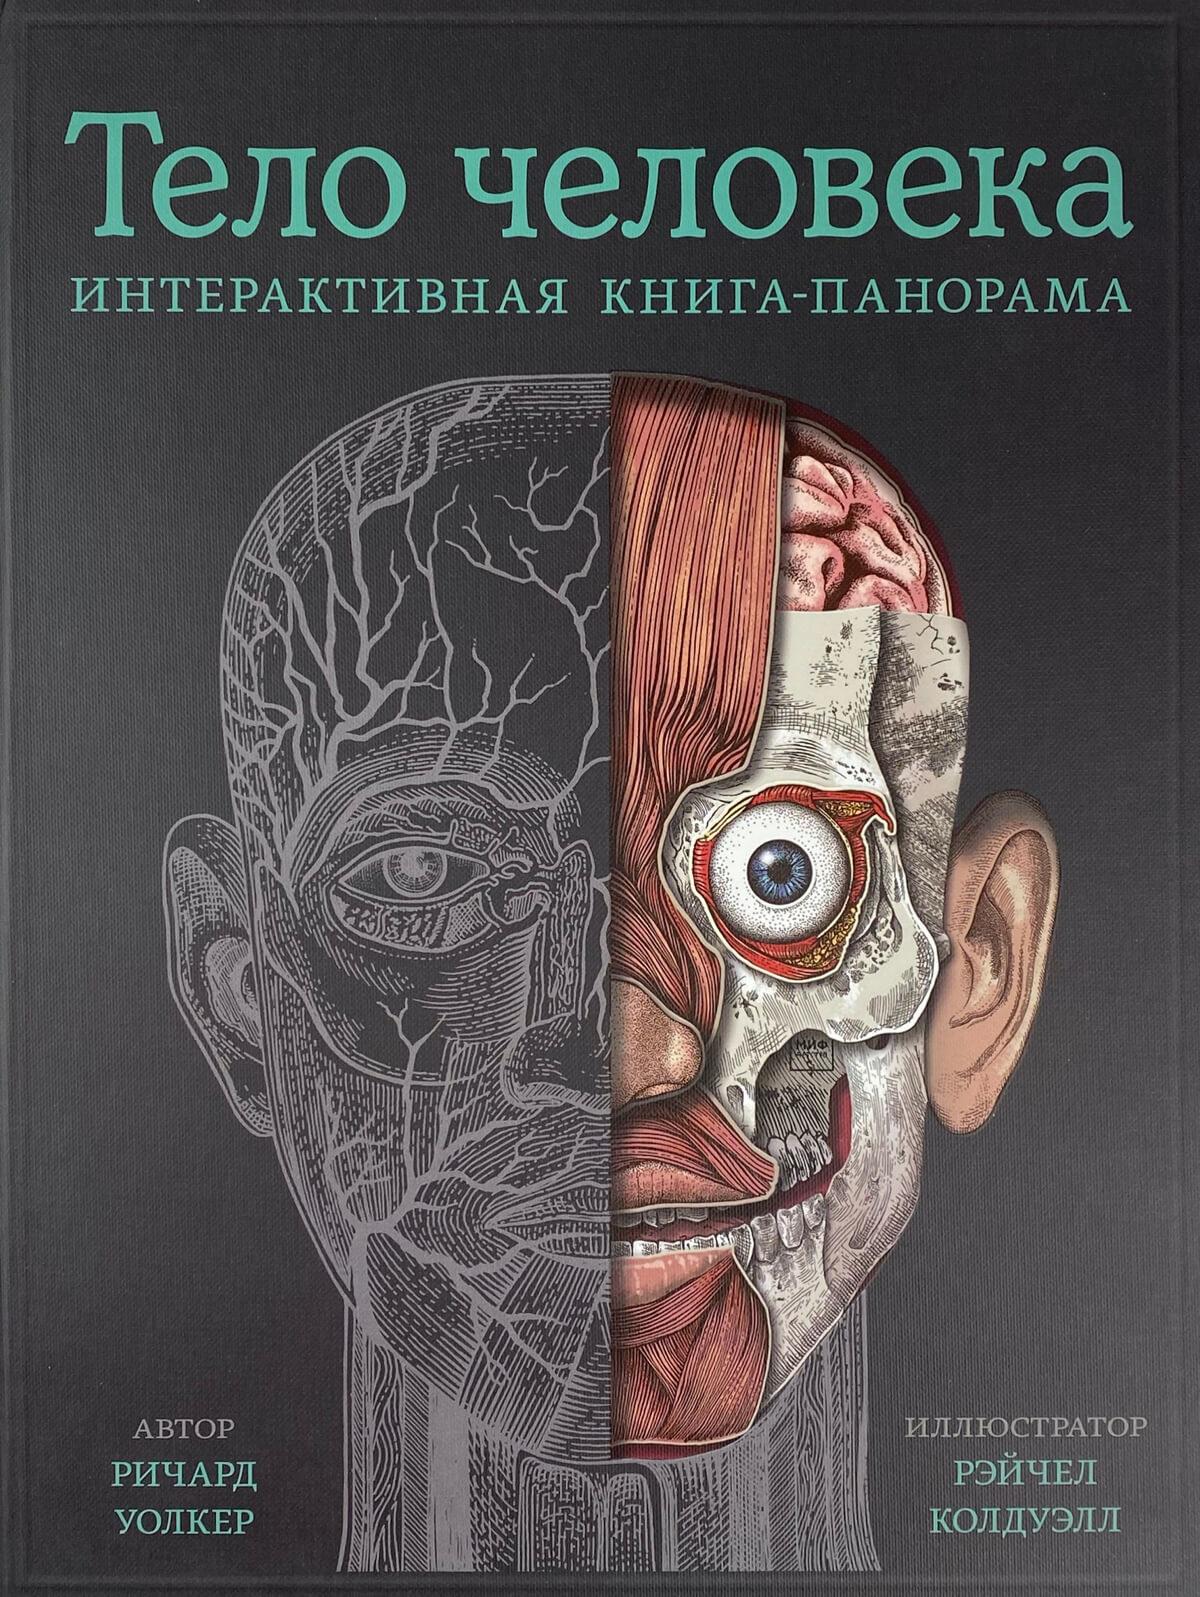 Тело человека. Интерактивная книга-панорама